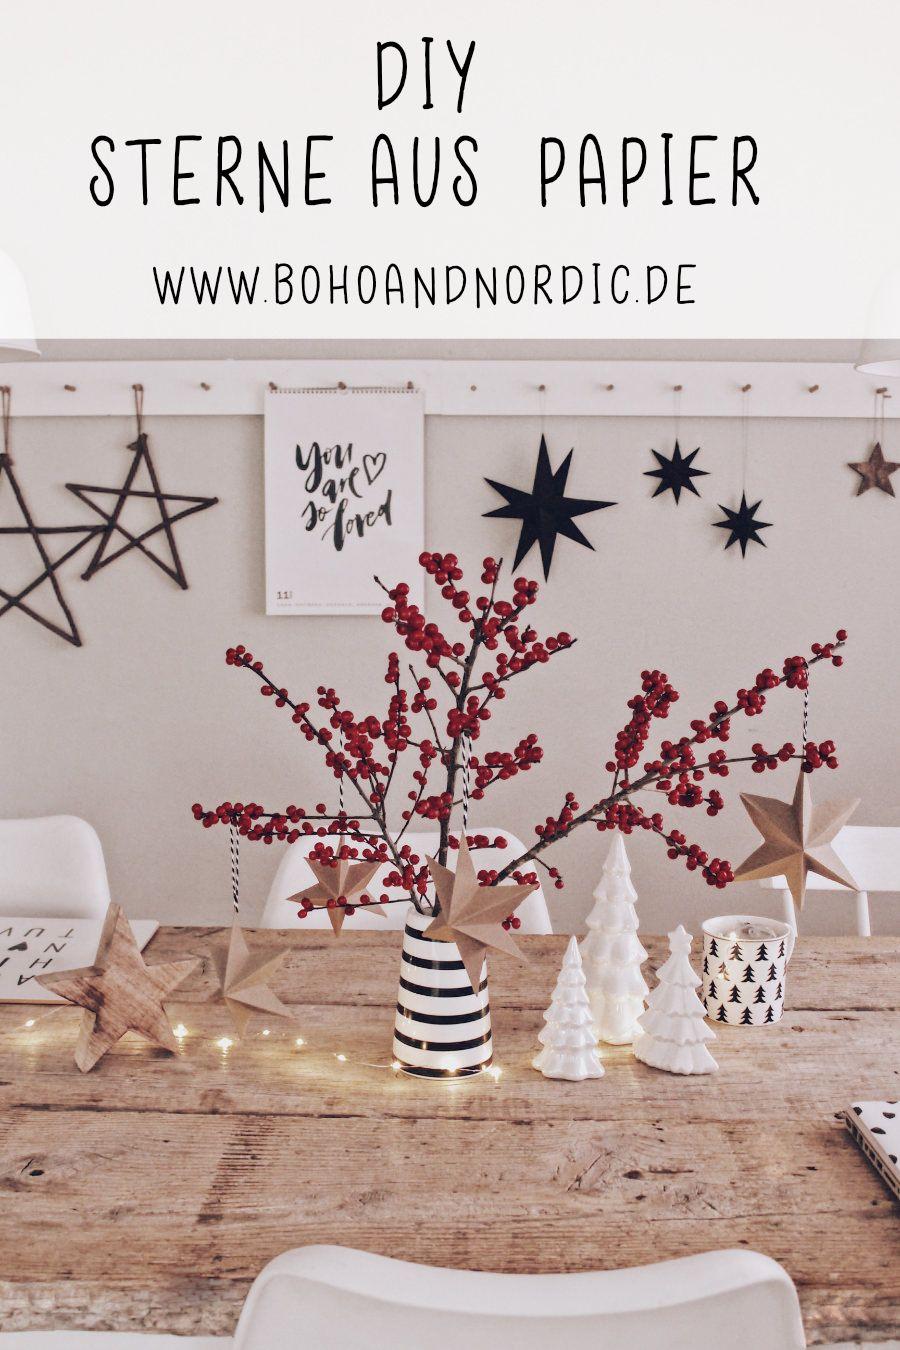 weihnachtsdeko sterne aus papier dekoration selber machen diy basteln einfach pinterest. Black Bedroom Furniture Sets. Home Design Ideas